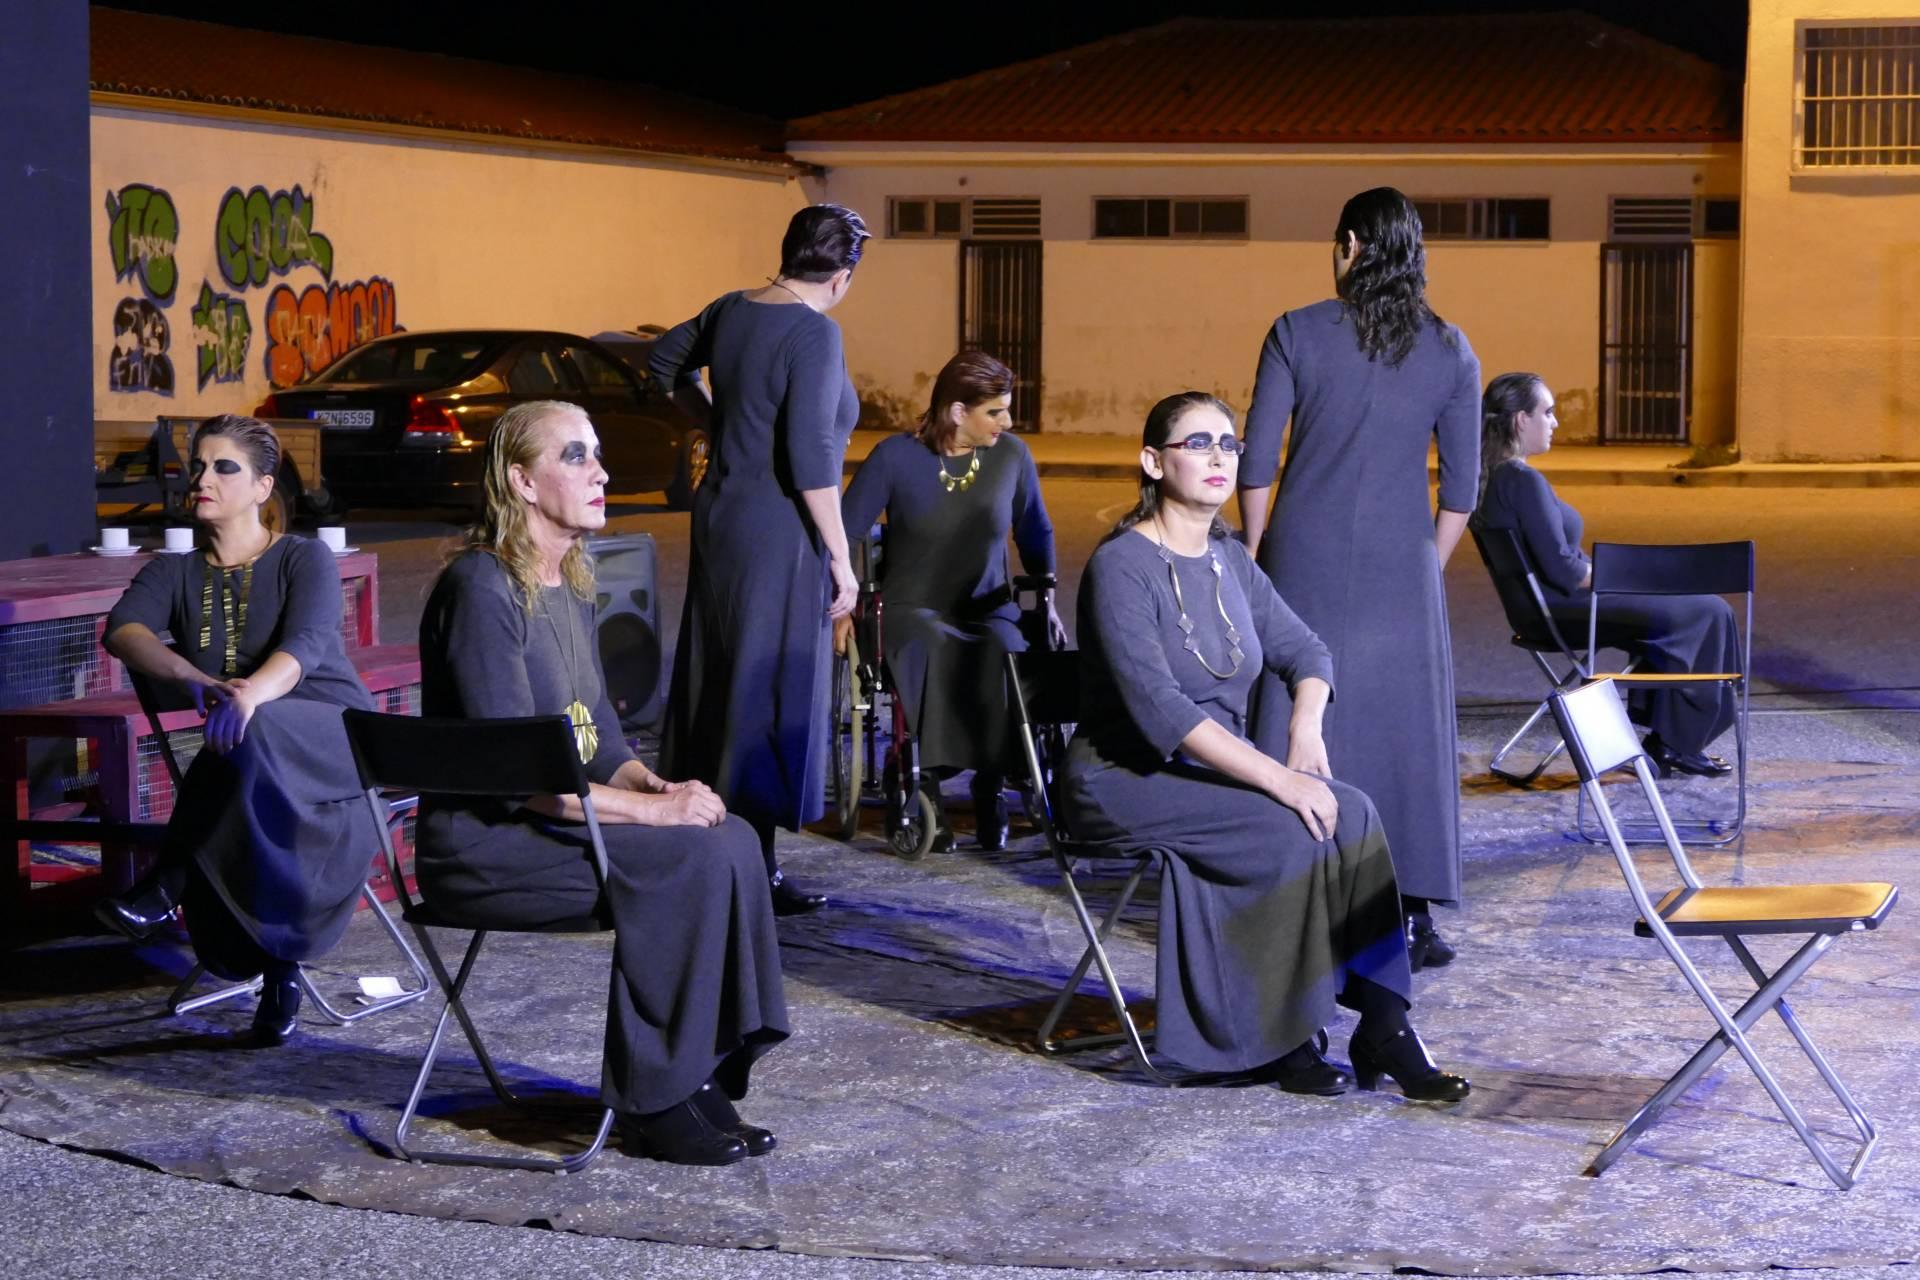 Δήμο Δεσκάτης: Με επιτυχία πραγματοποιήθηκε η θεατρική παράσταση «Οκτώ γυναίκες κατηγορούνται»